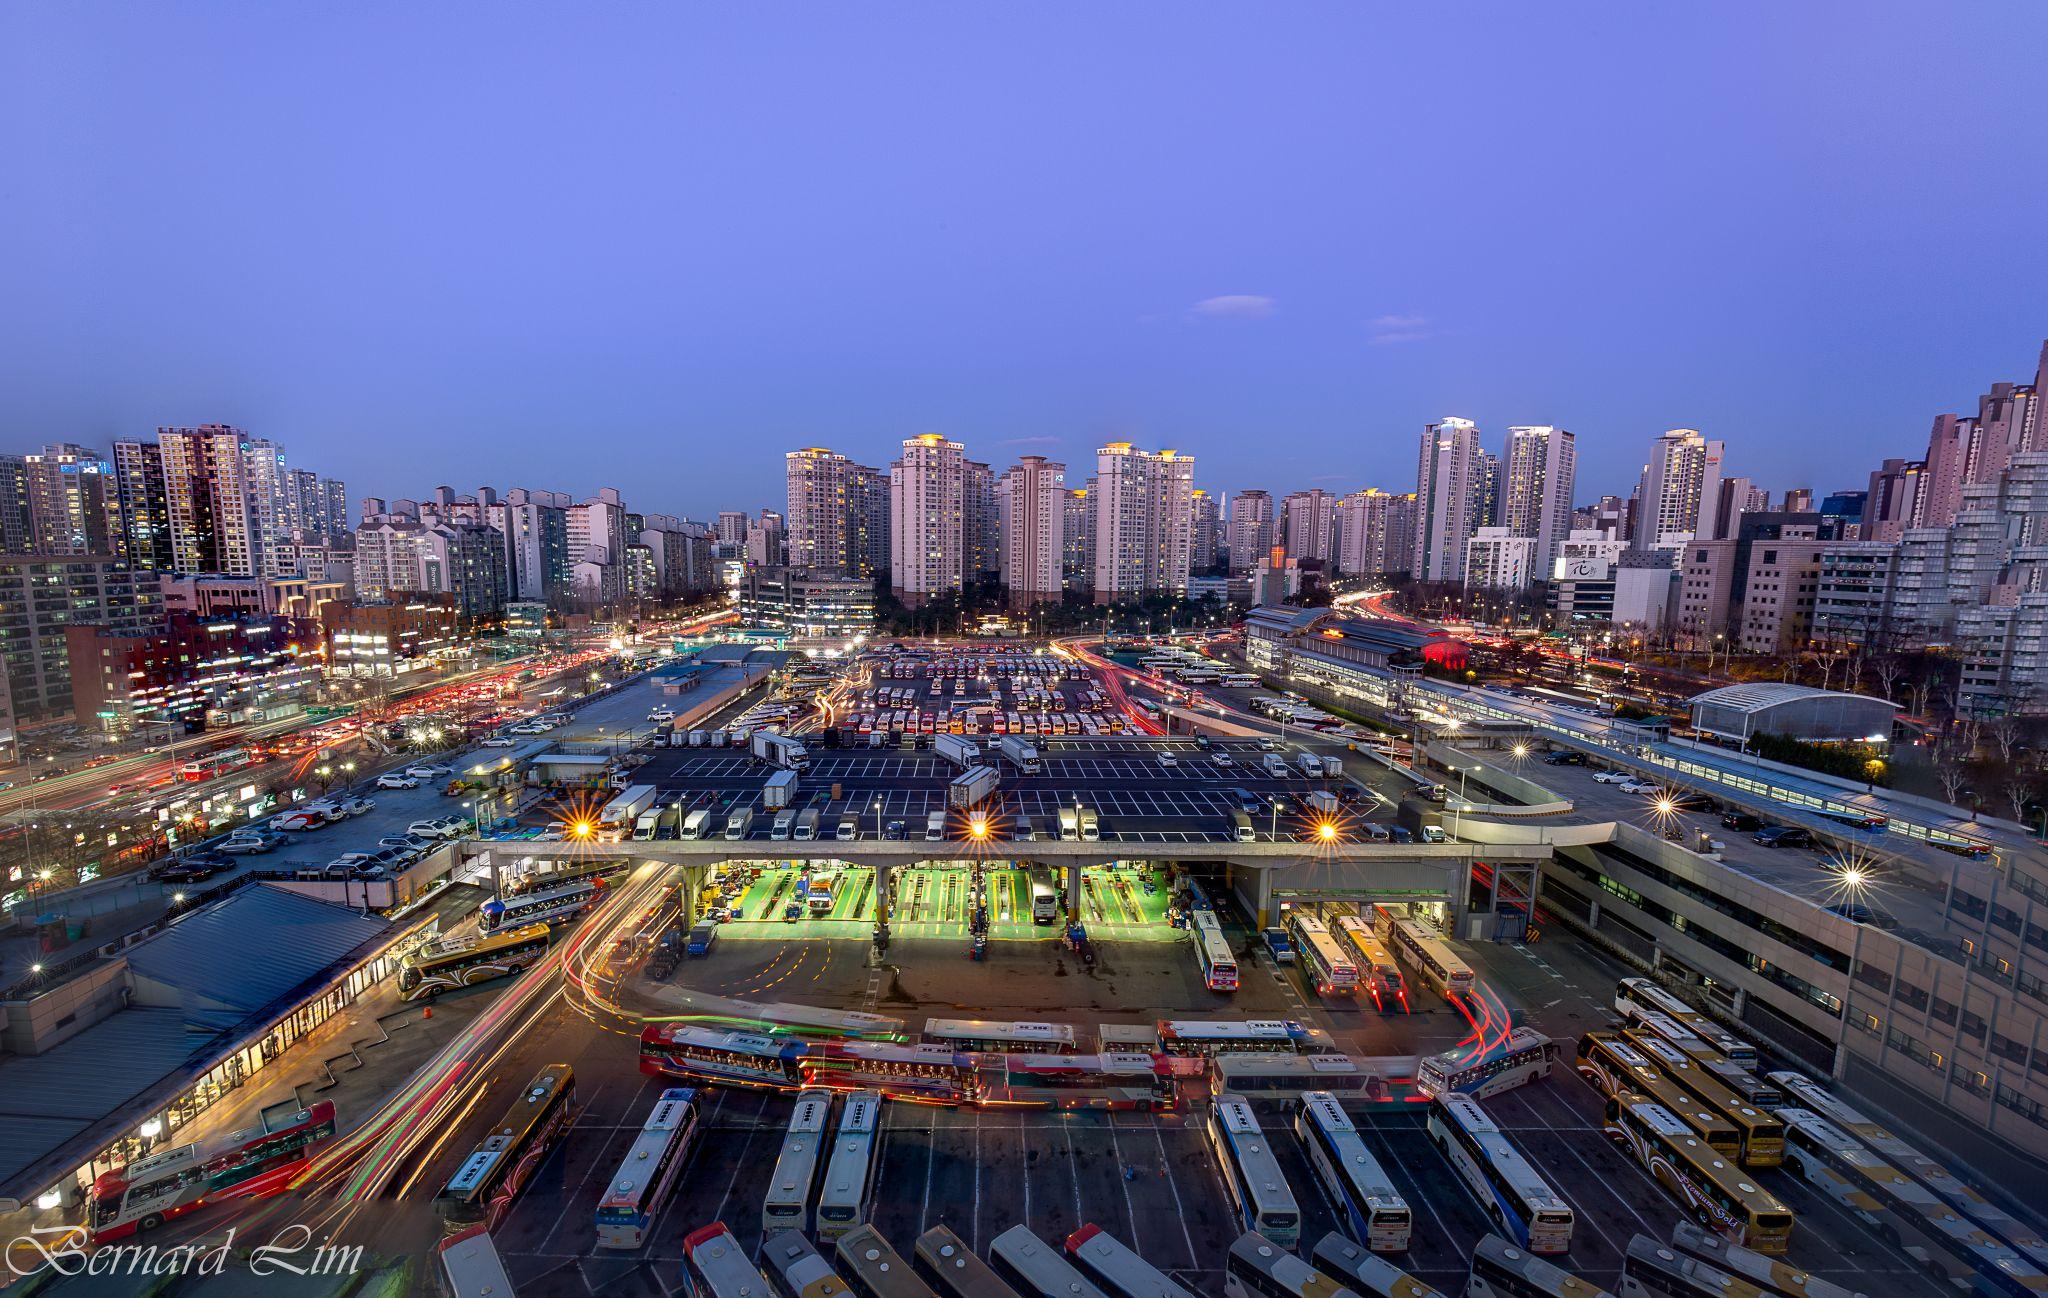 Seoul Bus Terminal, Korea